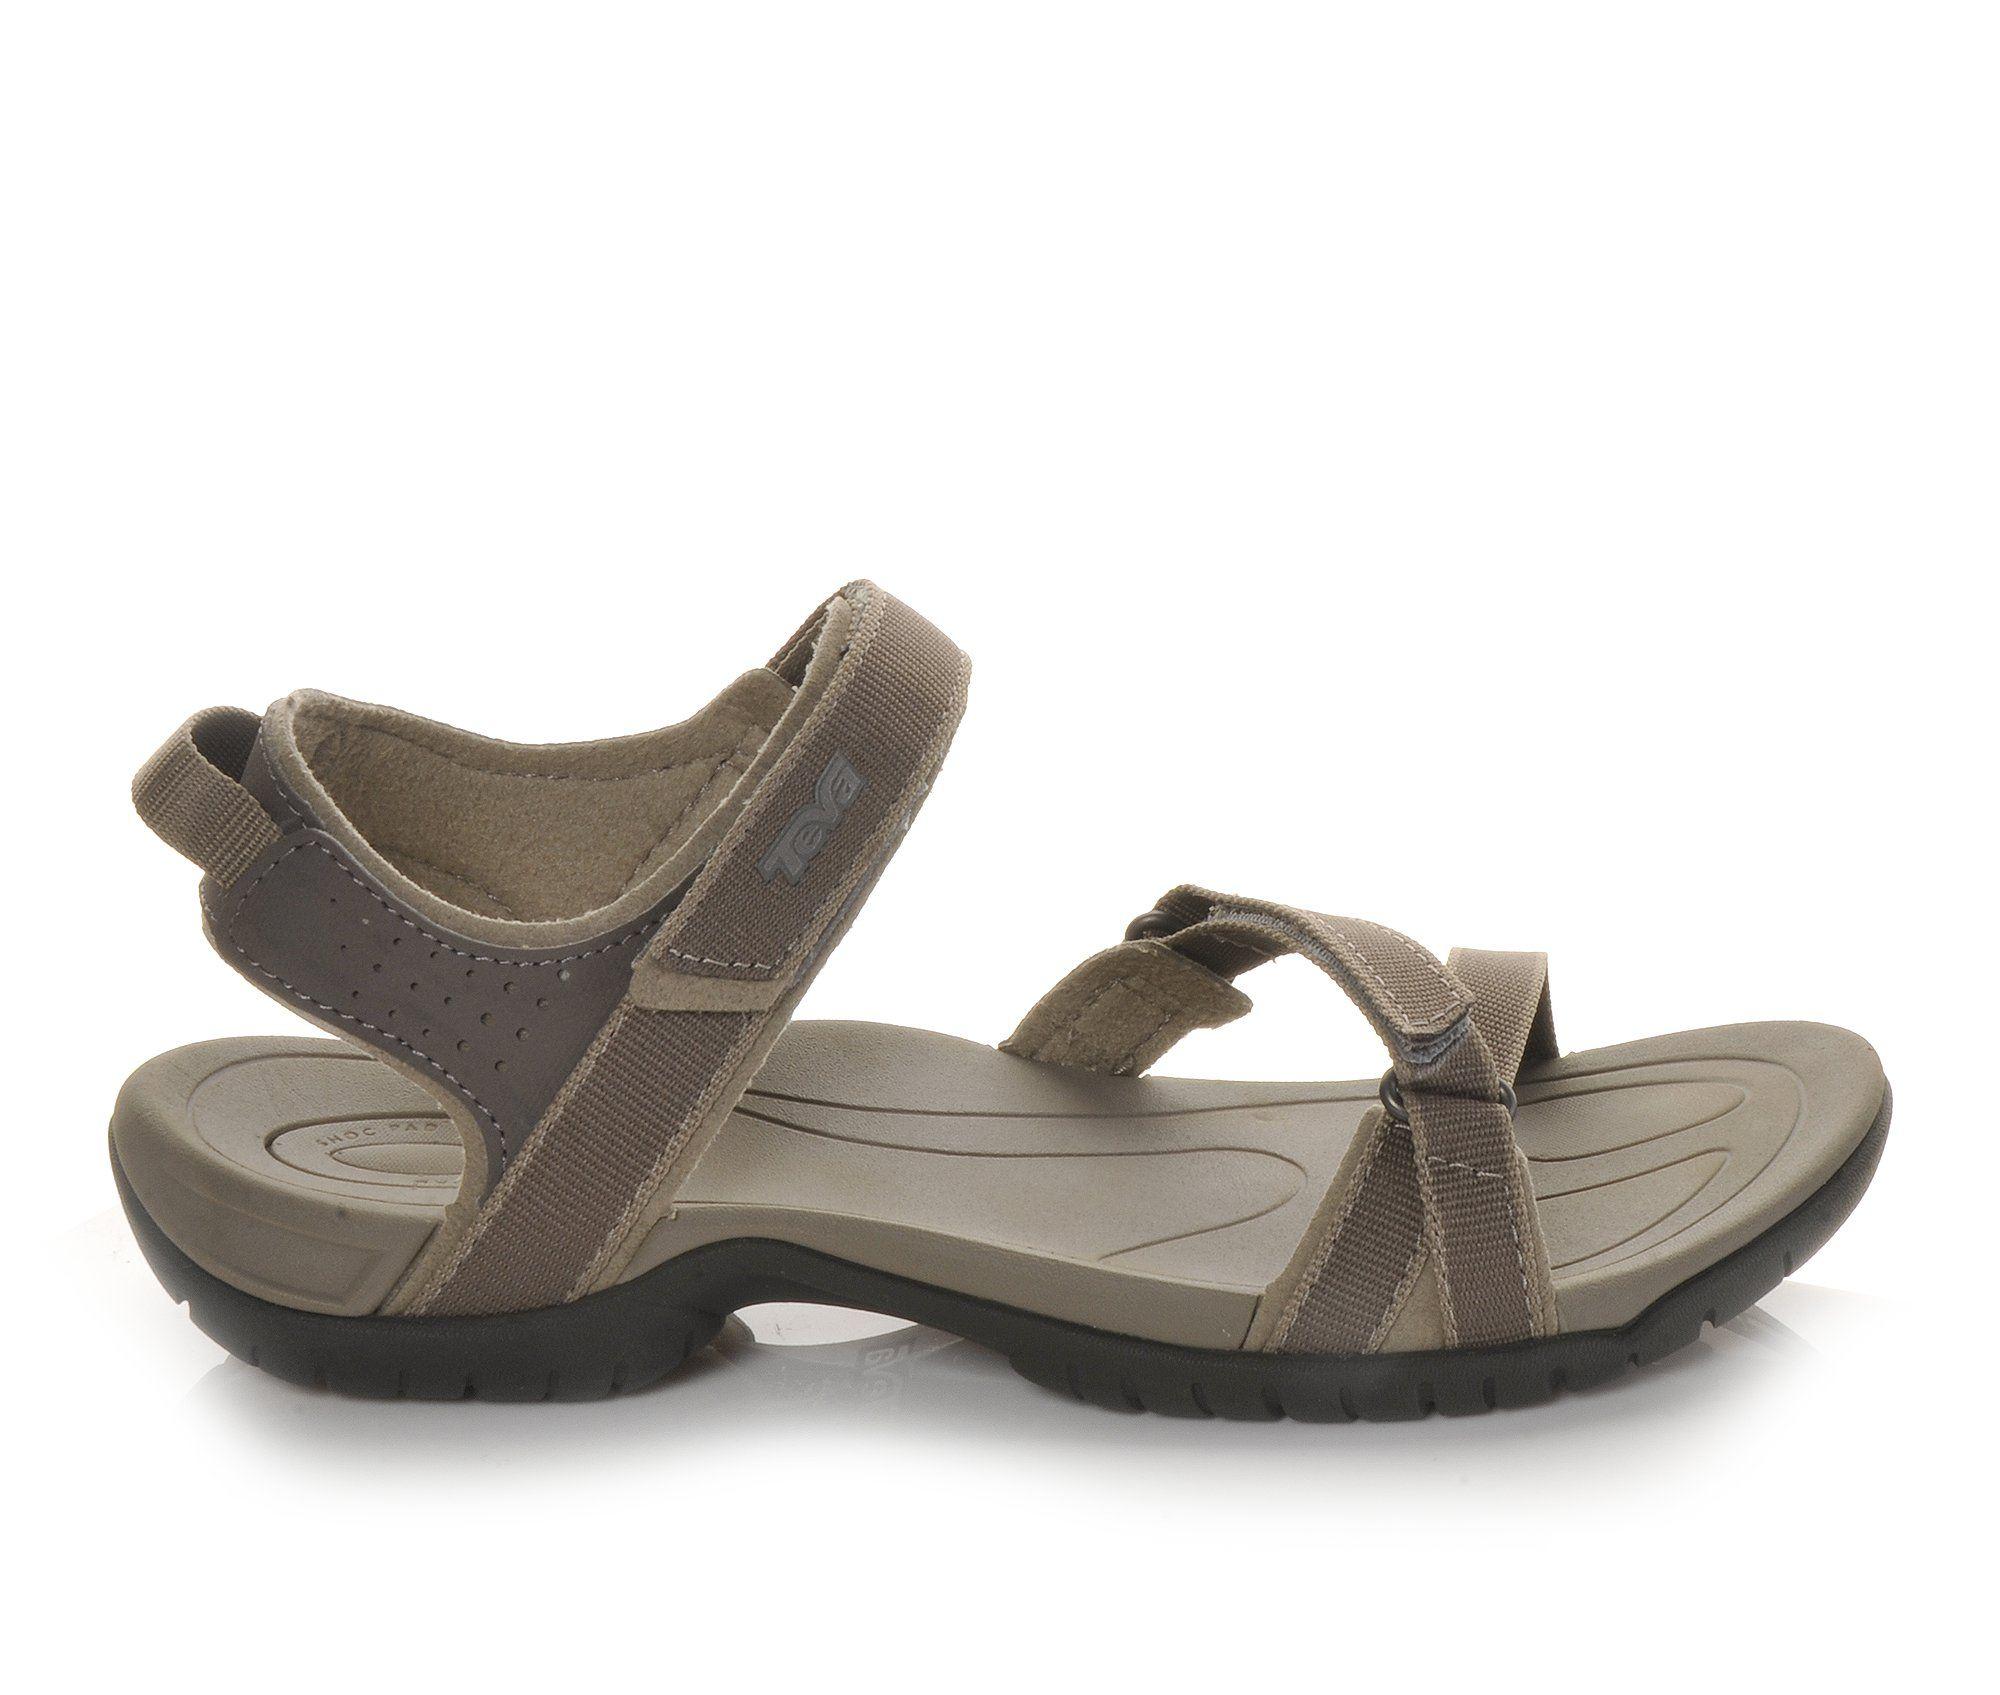 Women's Teva Verra Sandals (Beige)